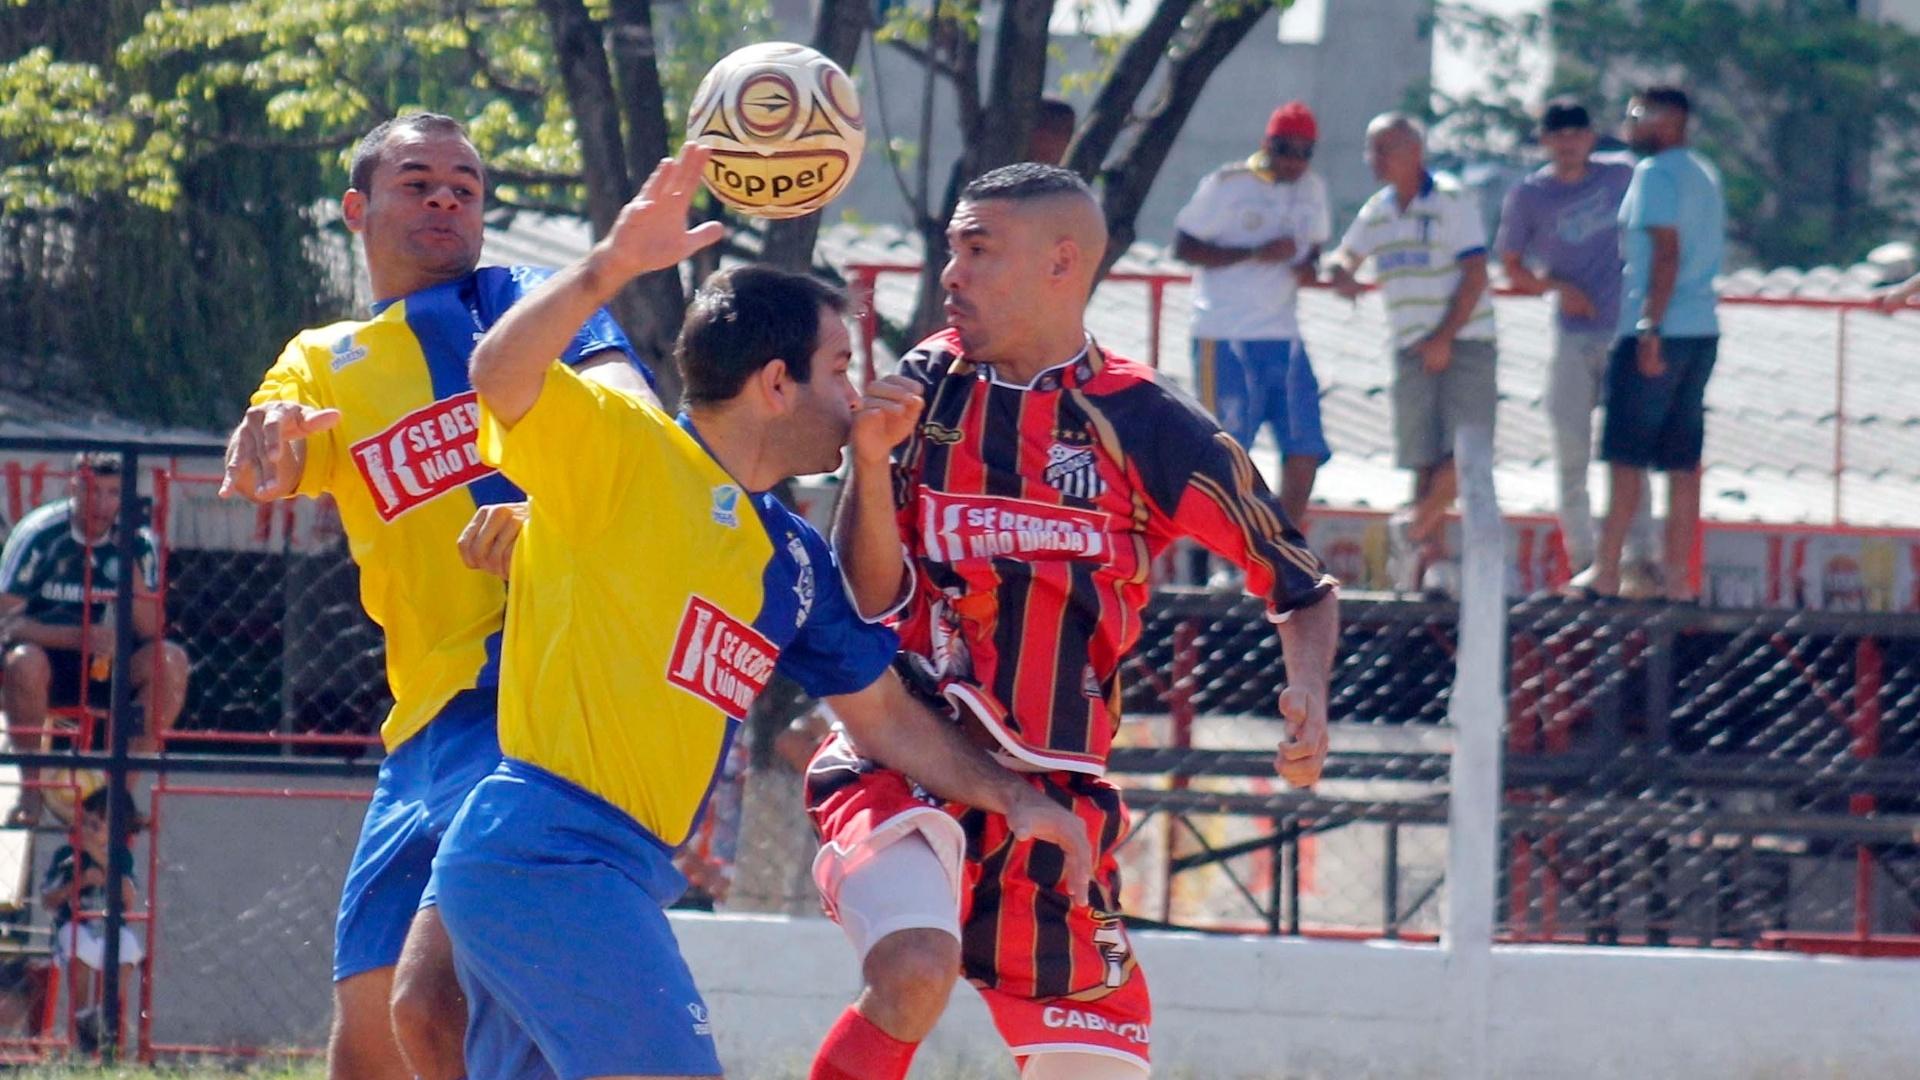 Dispuata de bola acirrada no jogo entre Mocidade Cabuçu (vermelho) 2 X 1 Só Embaça (azul)